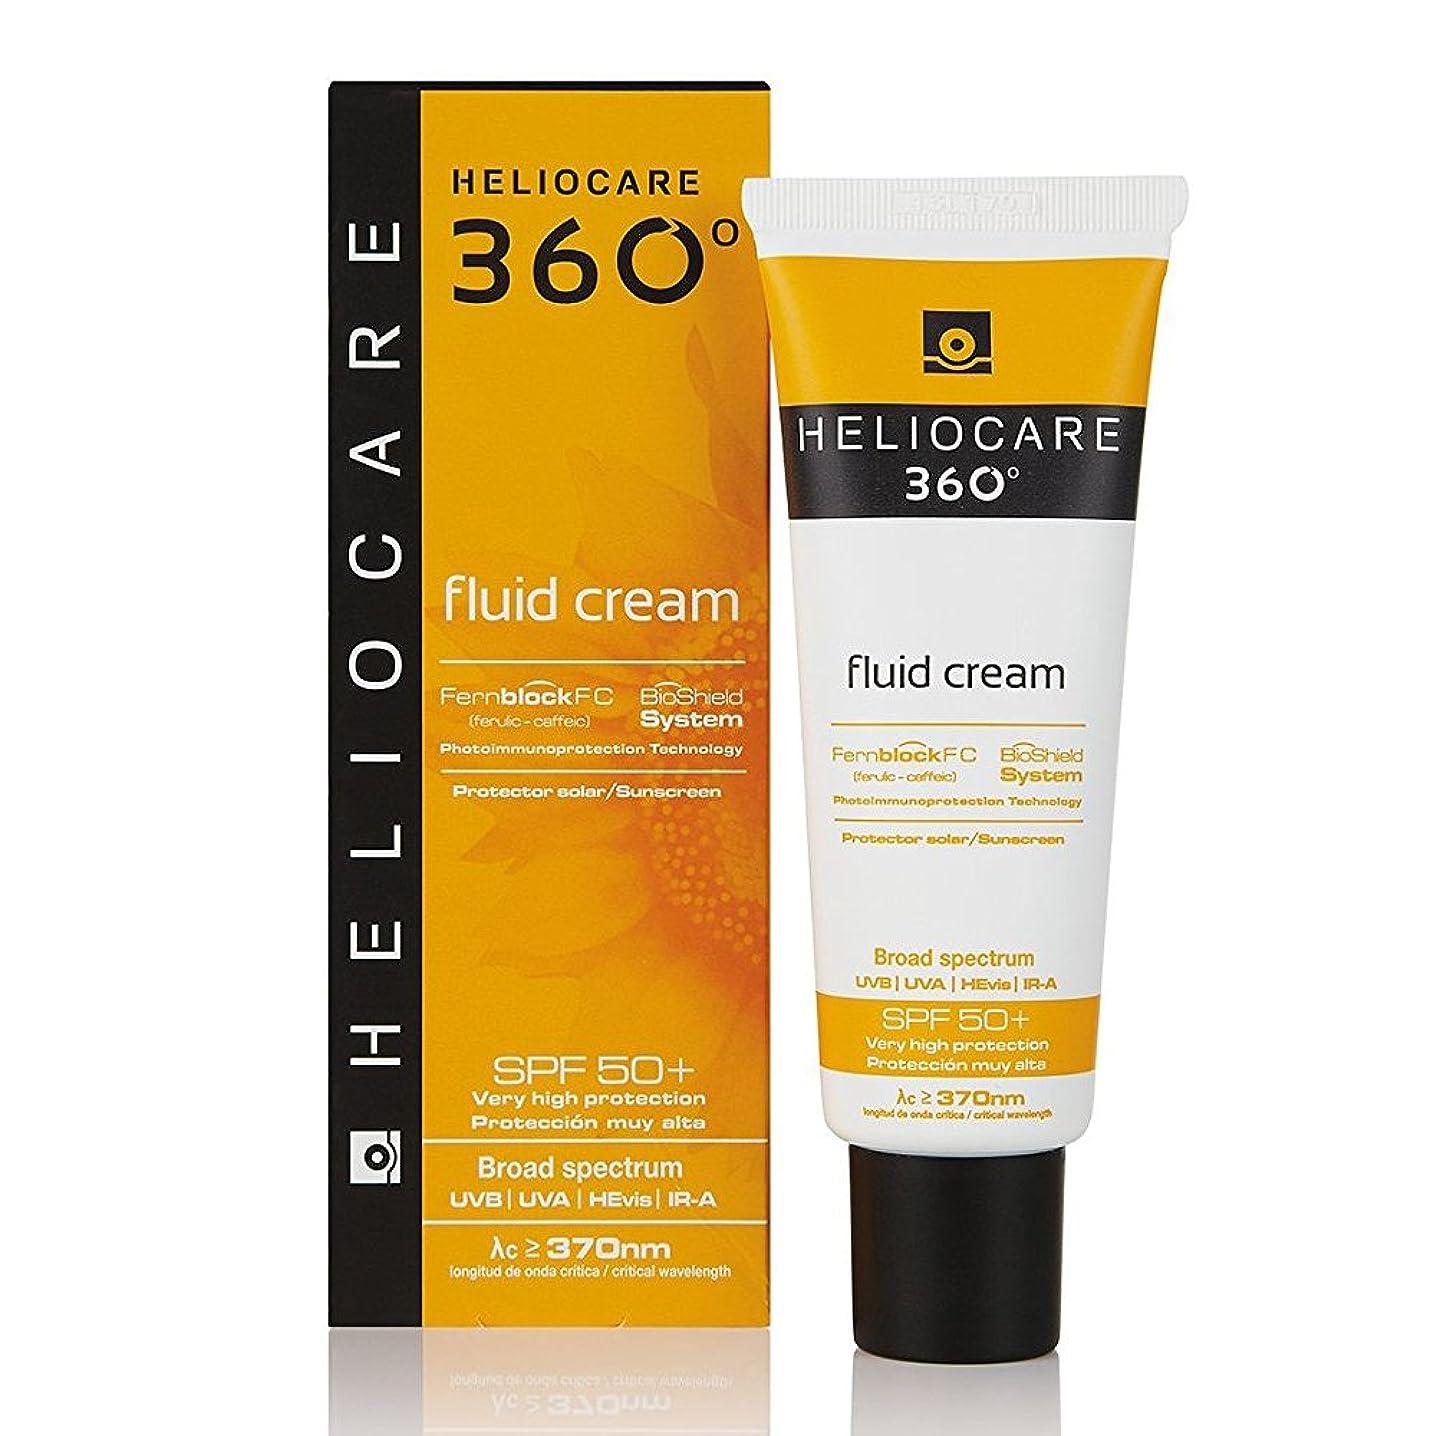 行列バーストそれるHeliocare 360 ??° Fluid Cream SPF50+ 50ml [並行輸入品]